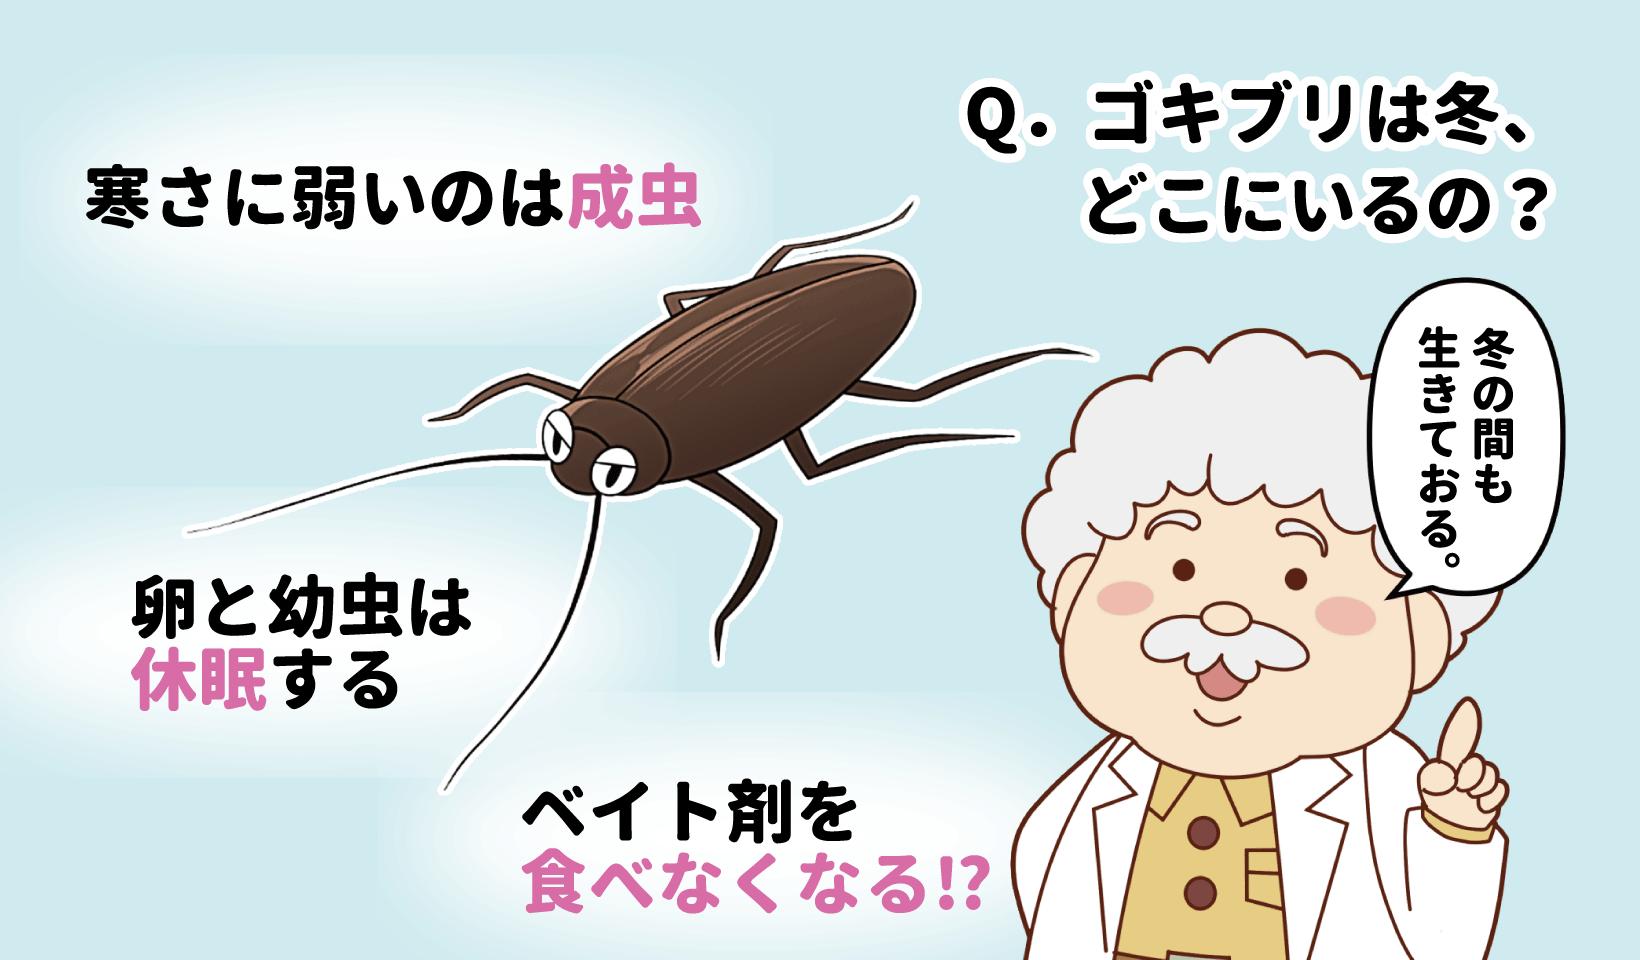 冬のゴキブリの生態を説明するごきた博士